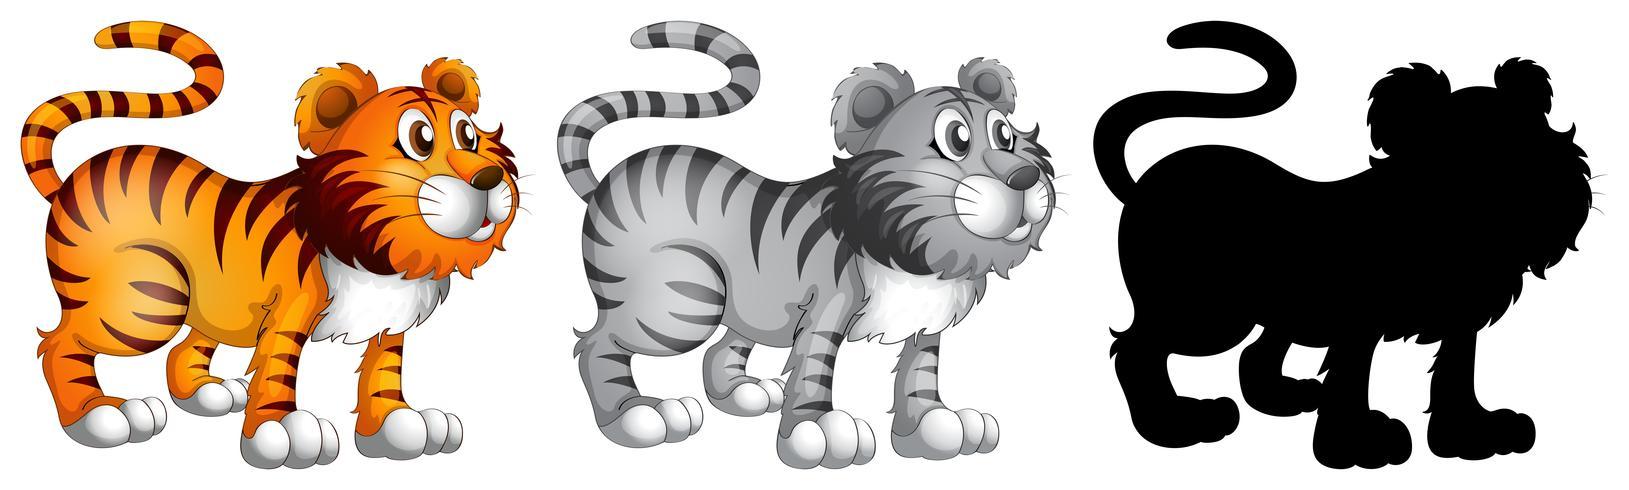 Conjunto de caracteres de tigre. vector